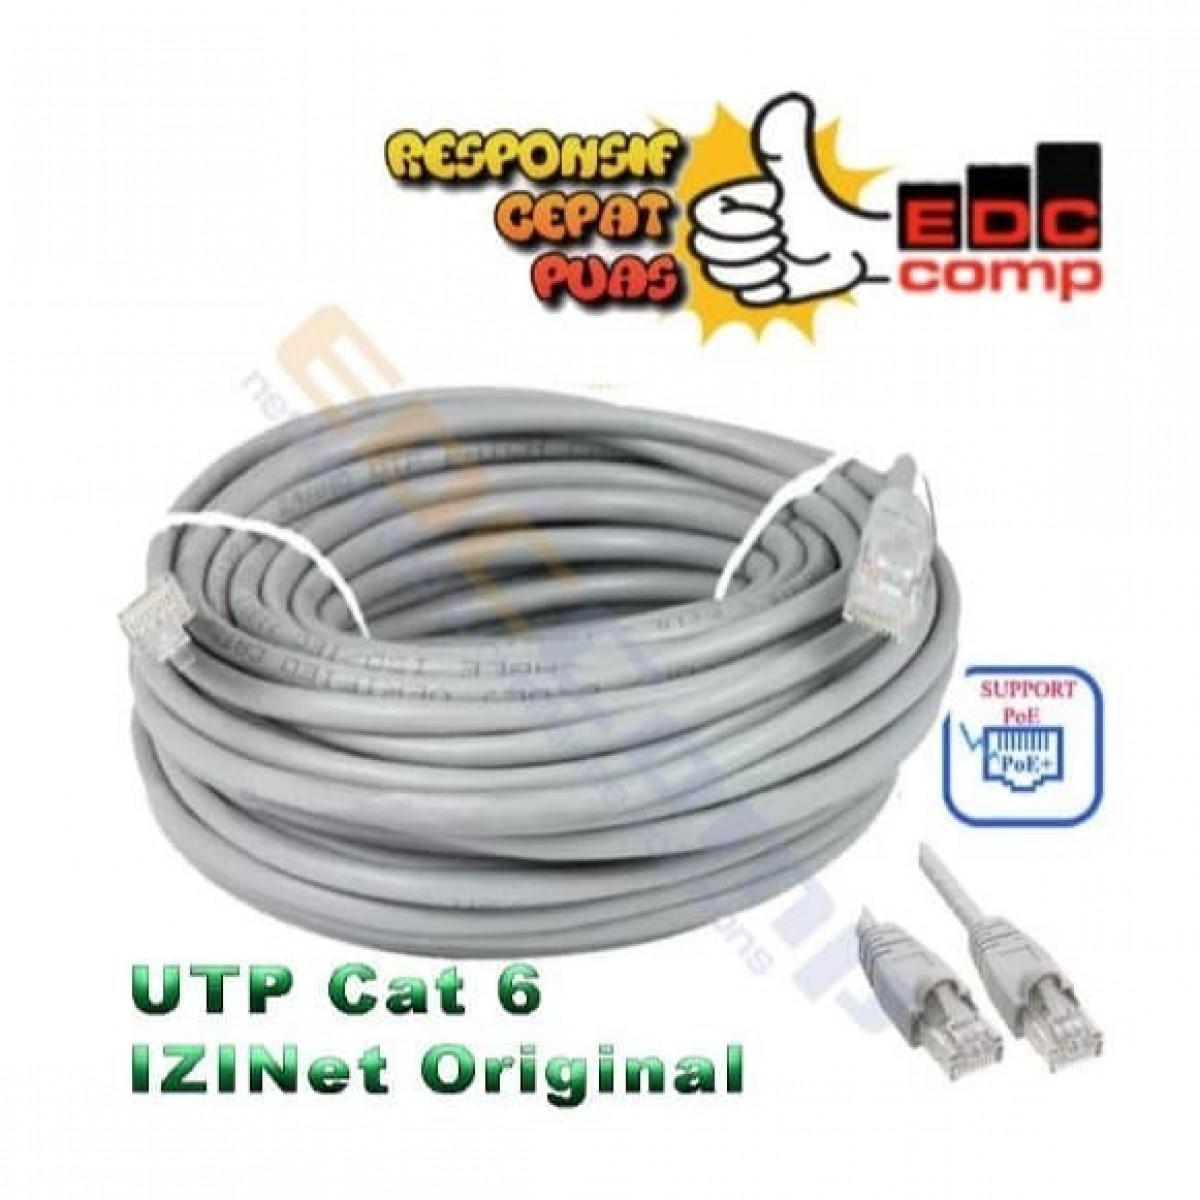 Kabel IZINET UTP Cat6 / Cable Izinet Cat6 75 Meter - EdcComp